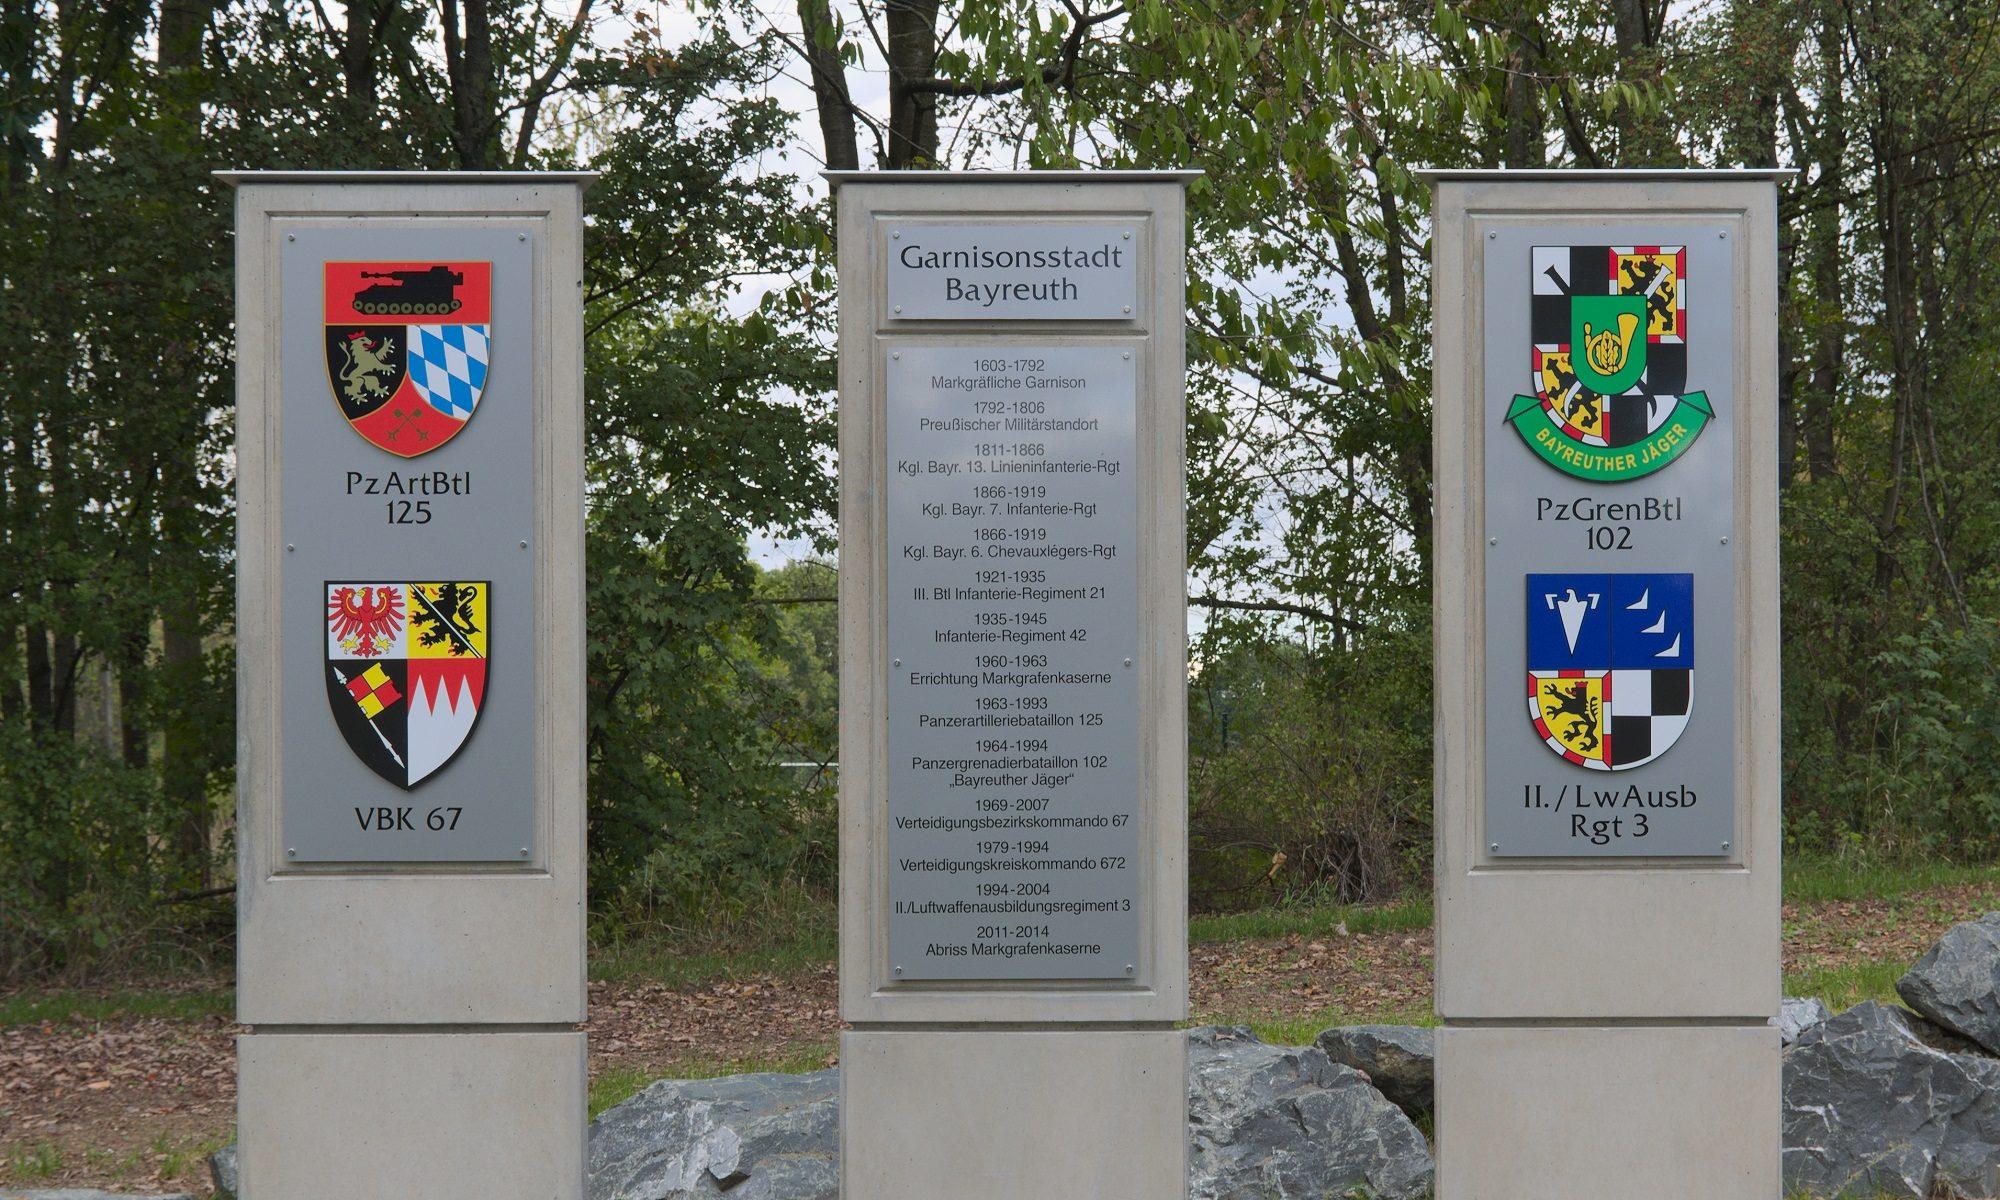 Kameradschaft Bayreuther Infanterie e.V.